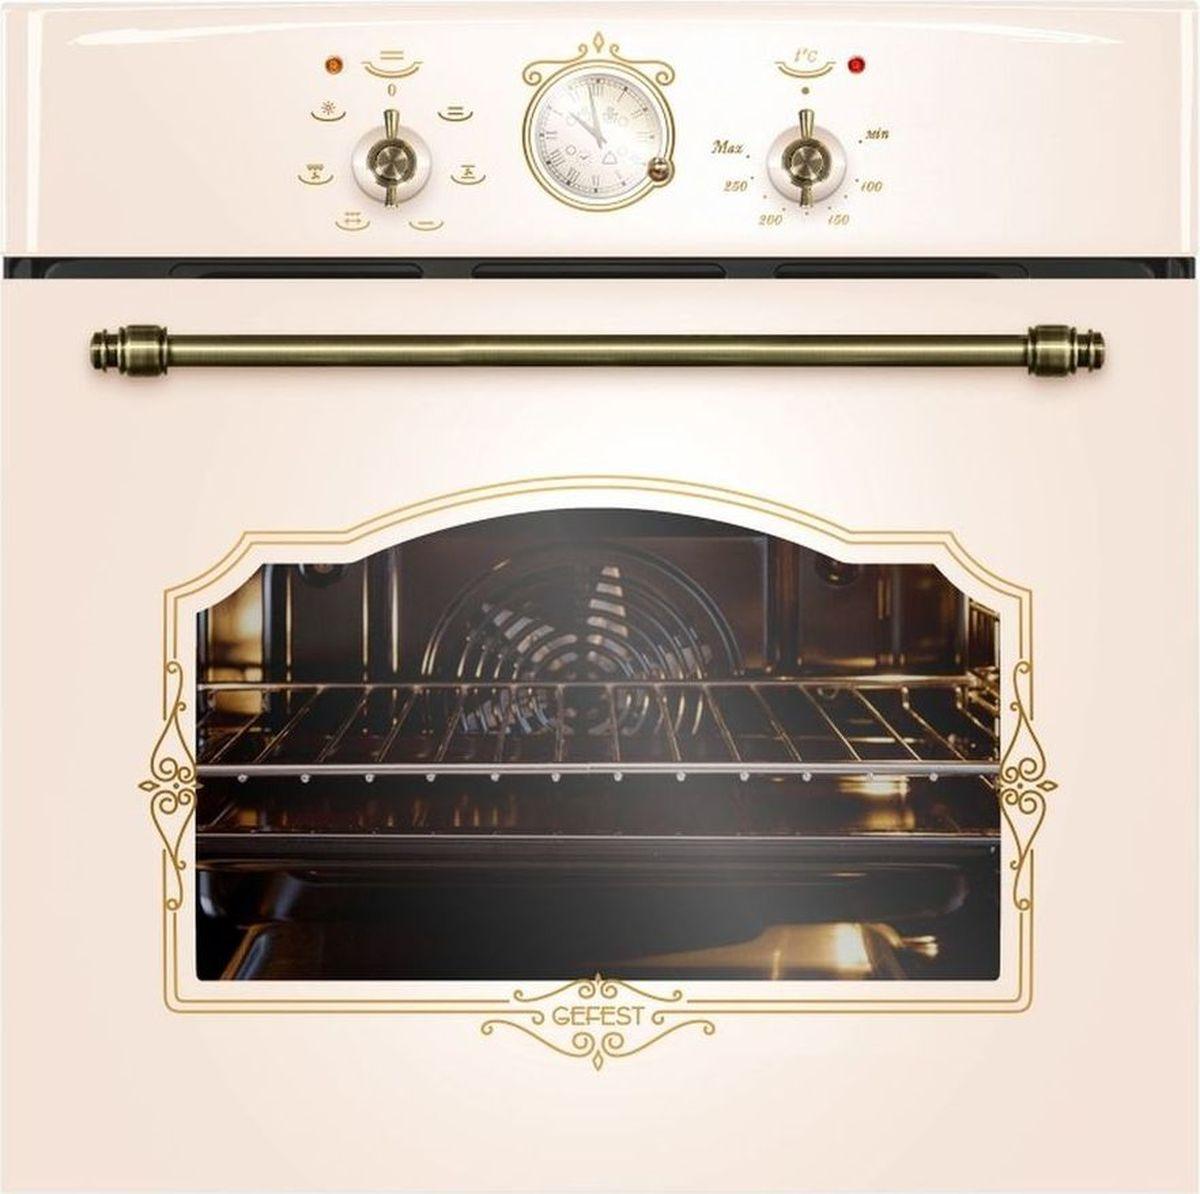 Духовой шкаф электрический Gefest ЭДВ ДА 602-02 К55, цвет: кремовый духовой шкаф gefest эдв да 622 03 рн3 электрический встраиваемый